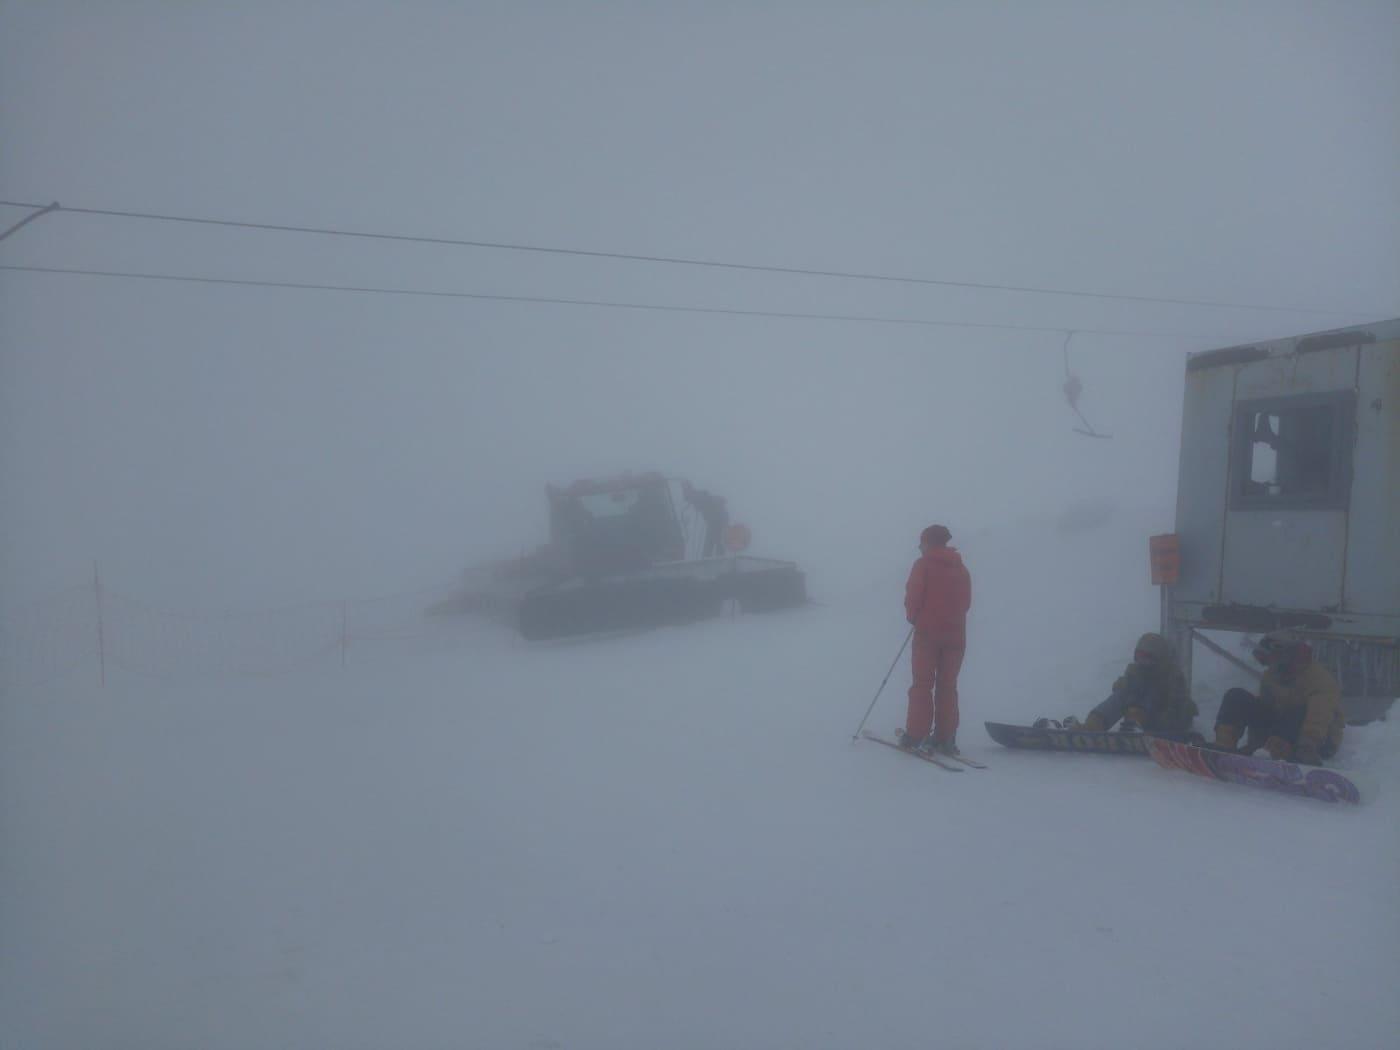 Протягом вихідних у горах на Закарпатті заблукало двоє туристів